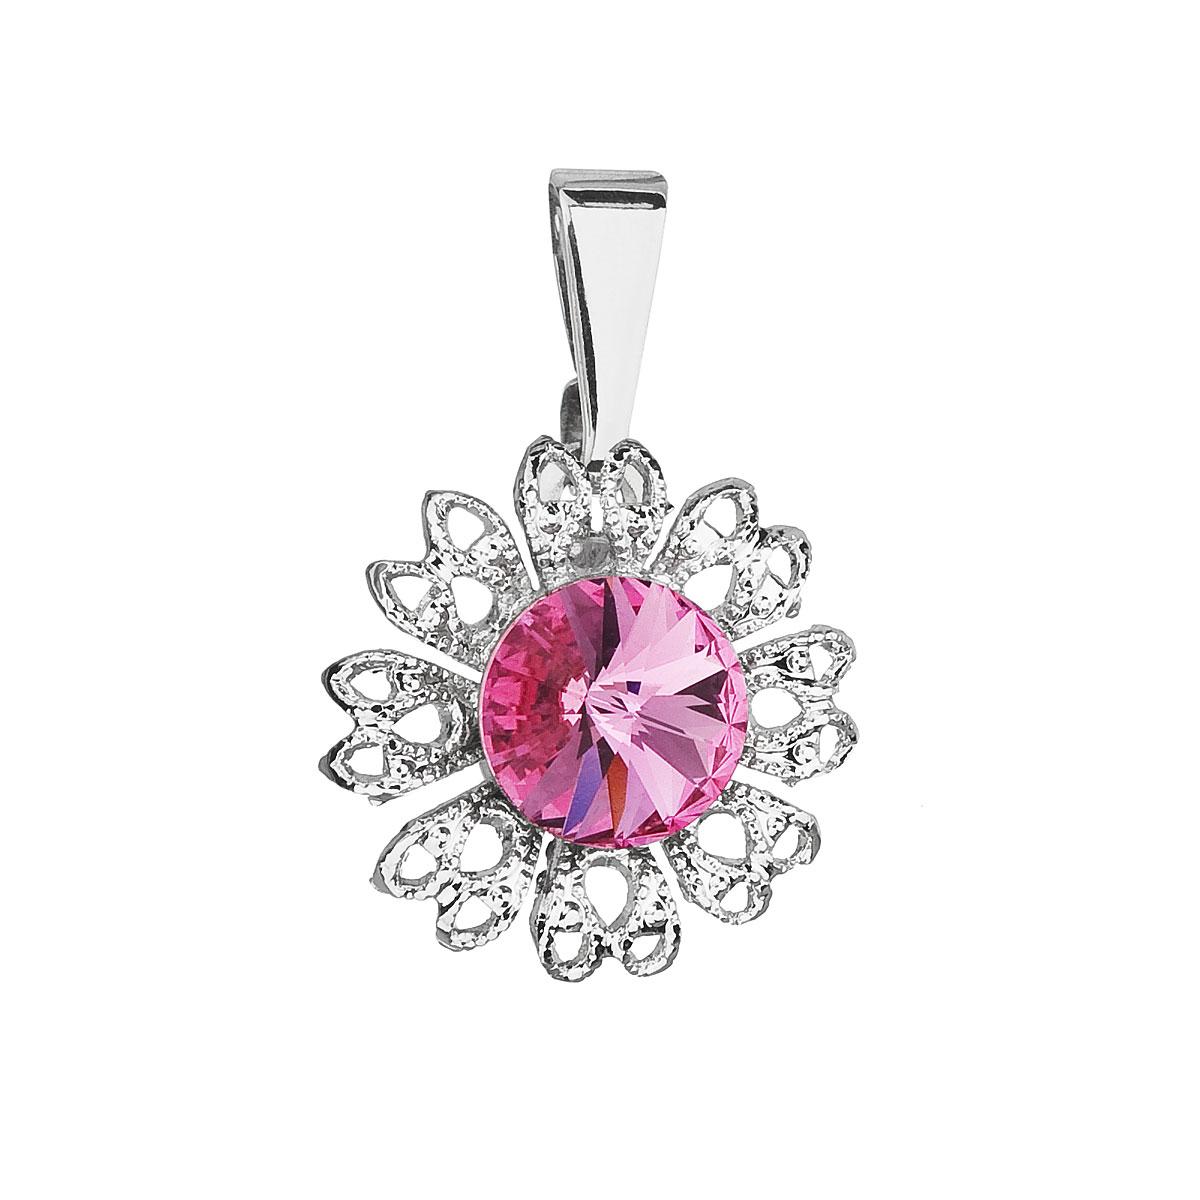 Evolution Group Přívěsek se Swarovski krystaly růžová kytička 54032.3 rose